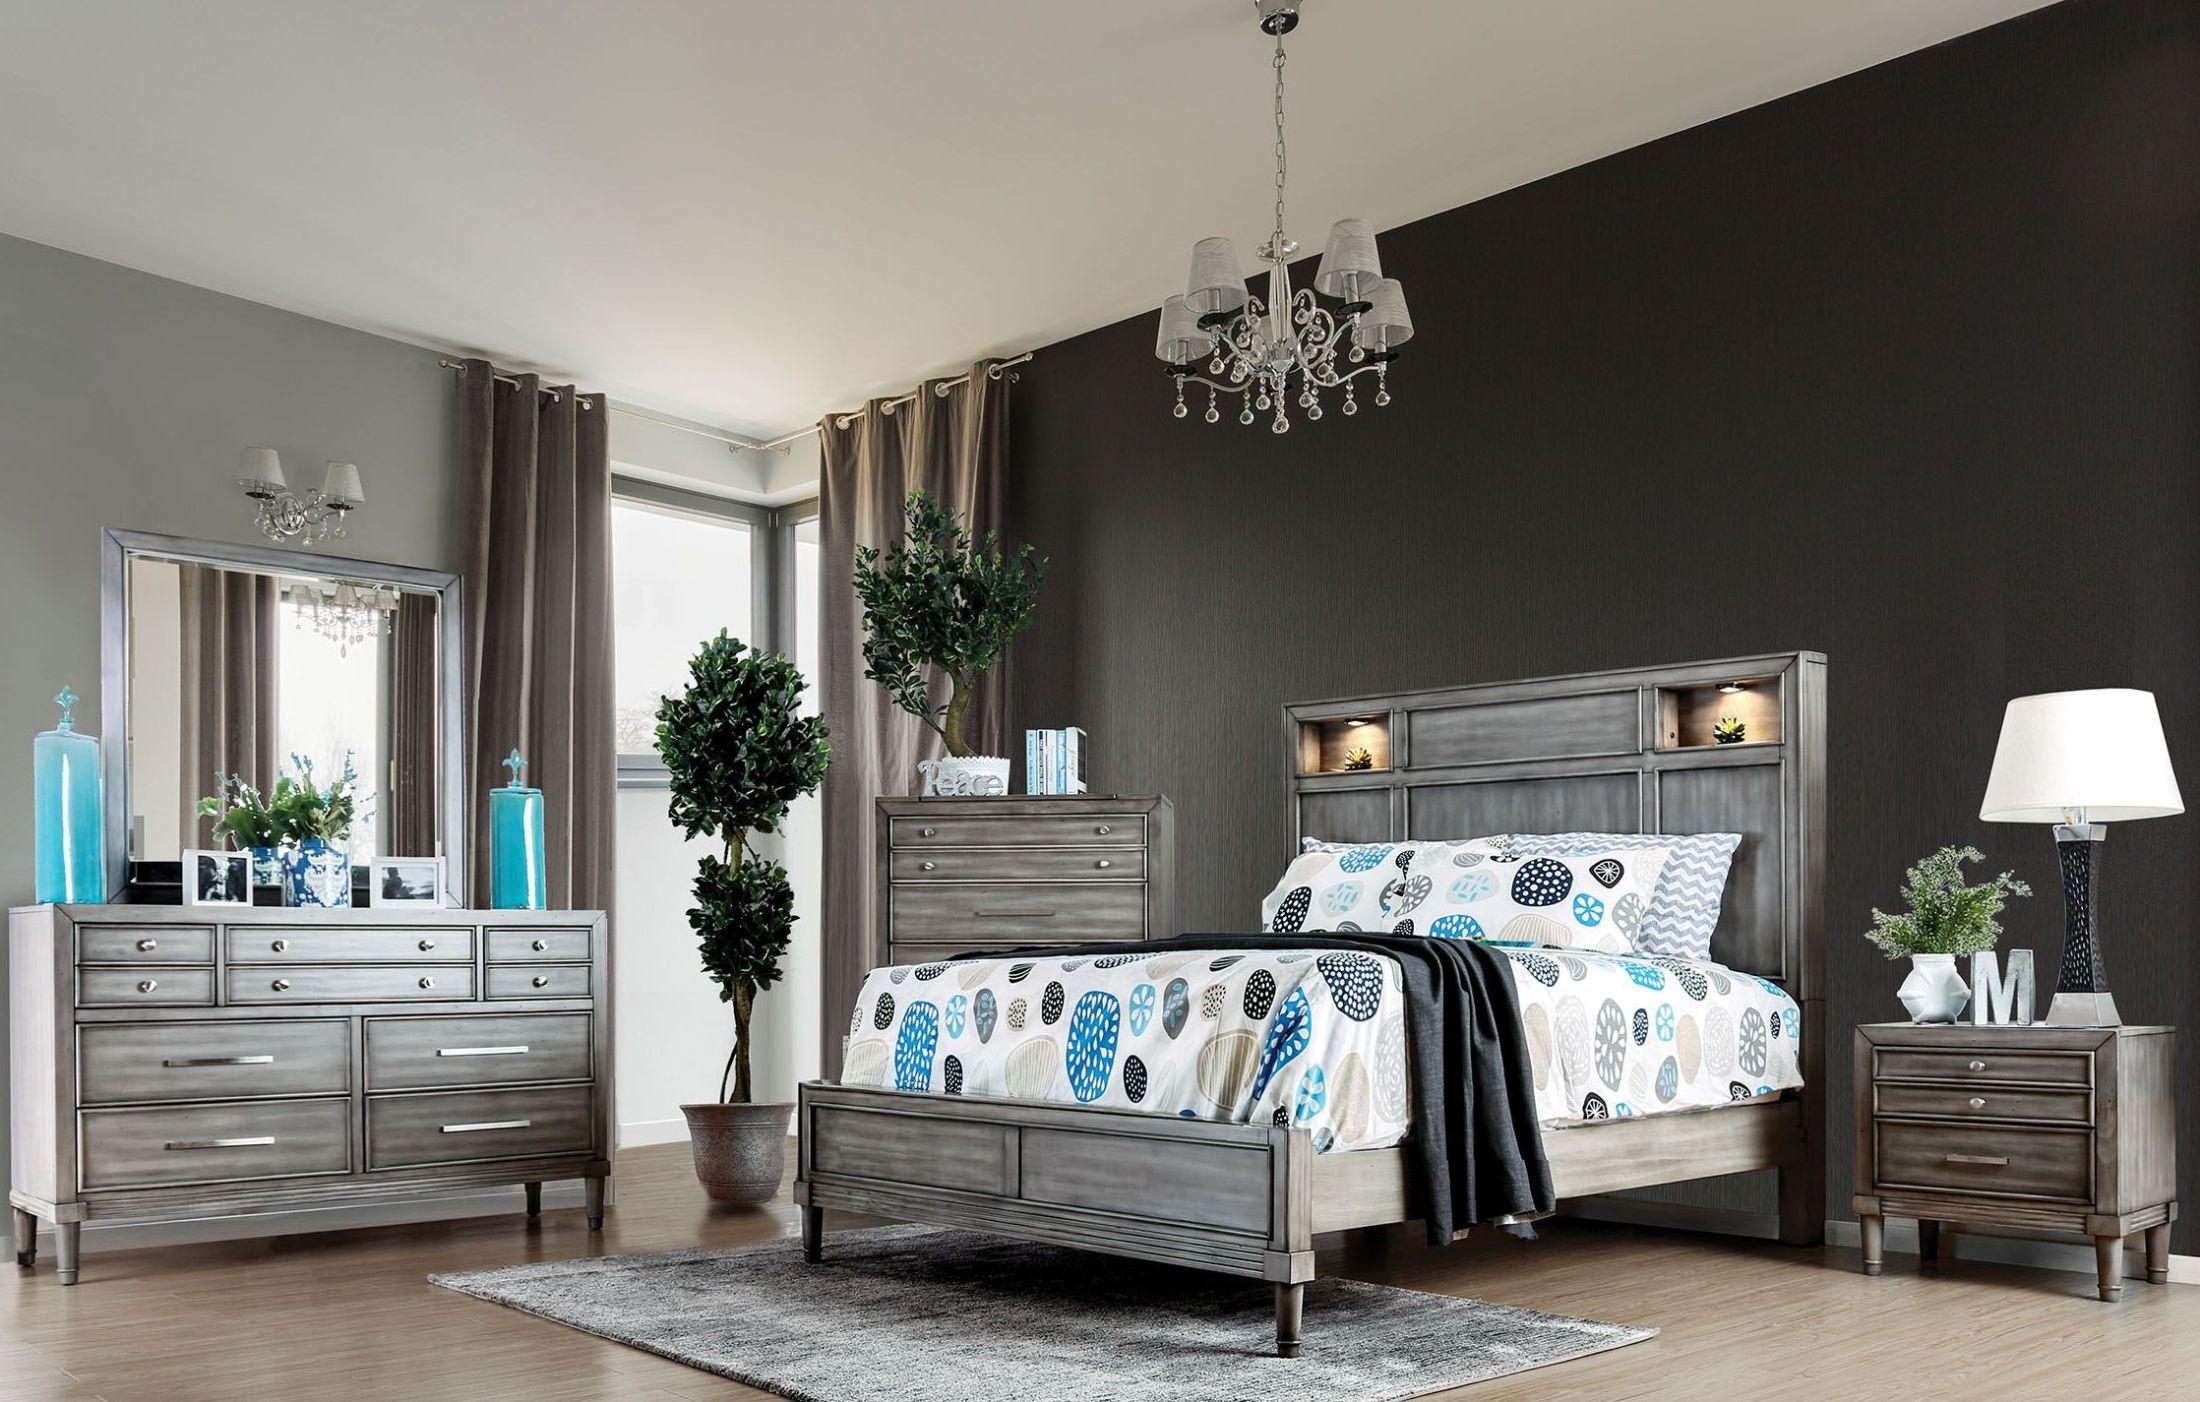 furniture of america daphne gray upholstered platform bedroom set - daphne collection: 5 reviews